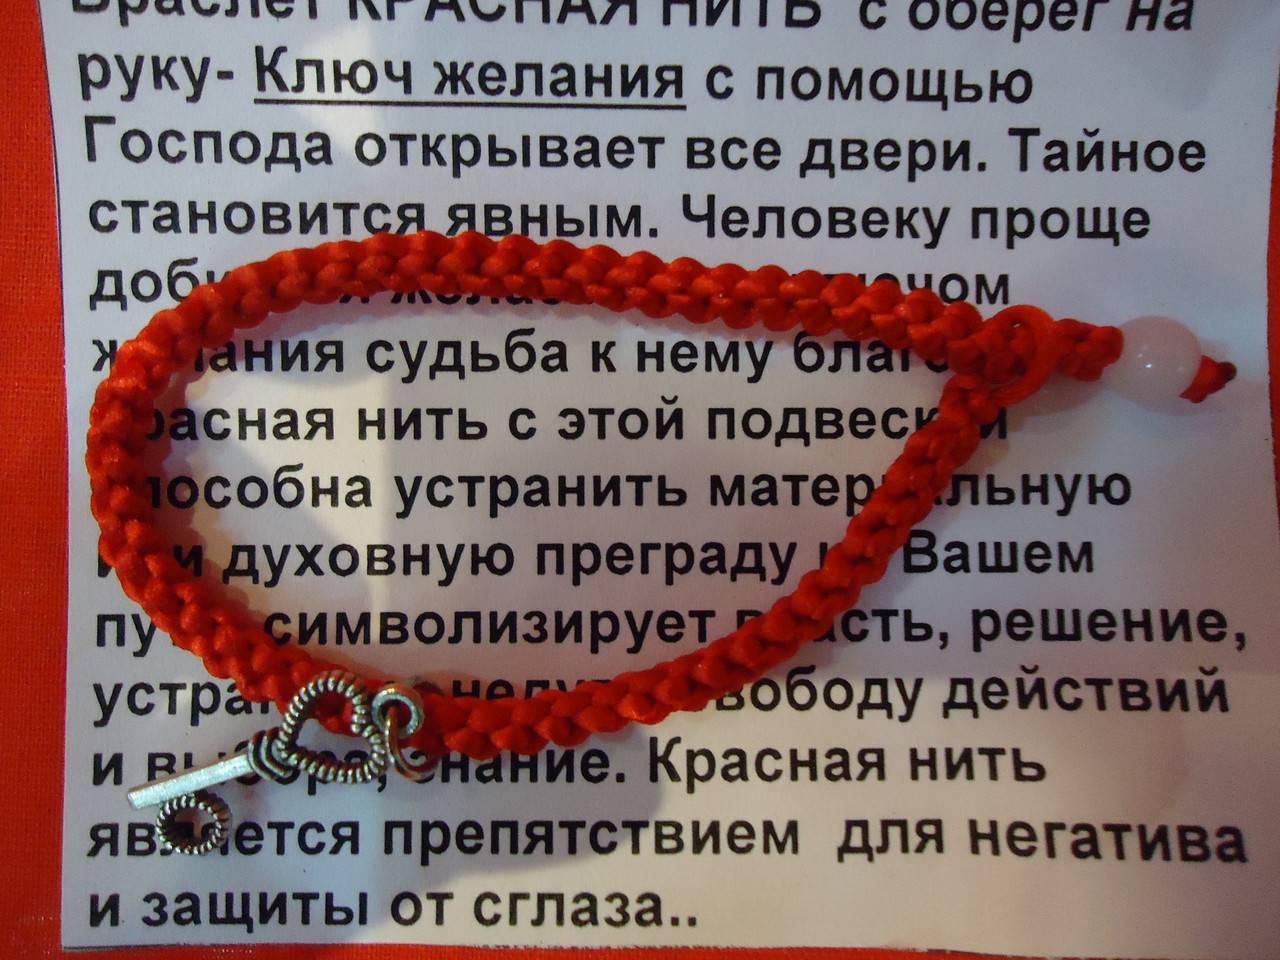 Заговор на красную нить: от сглаза, на удачу, любовь и богатство